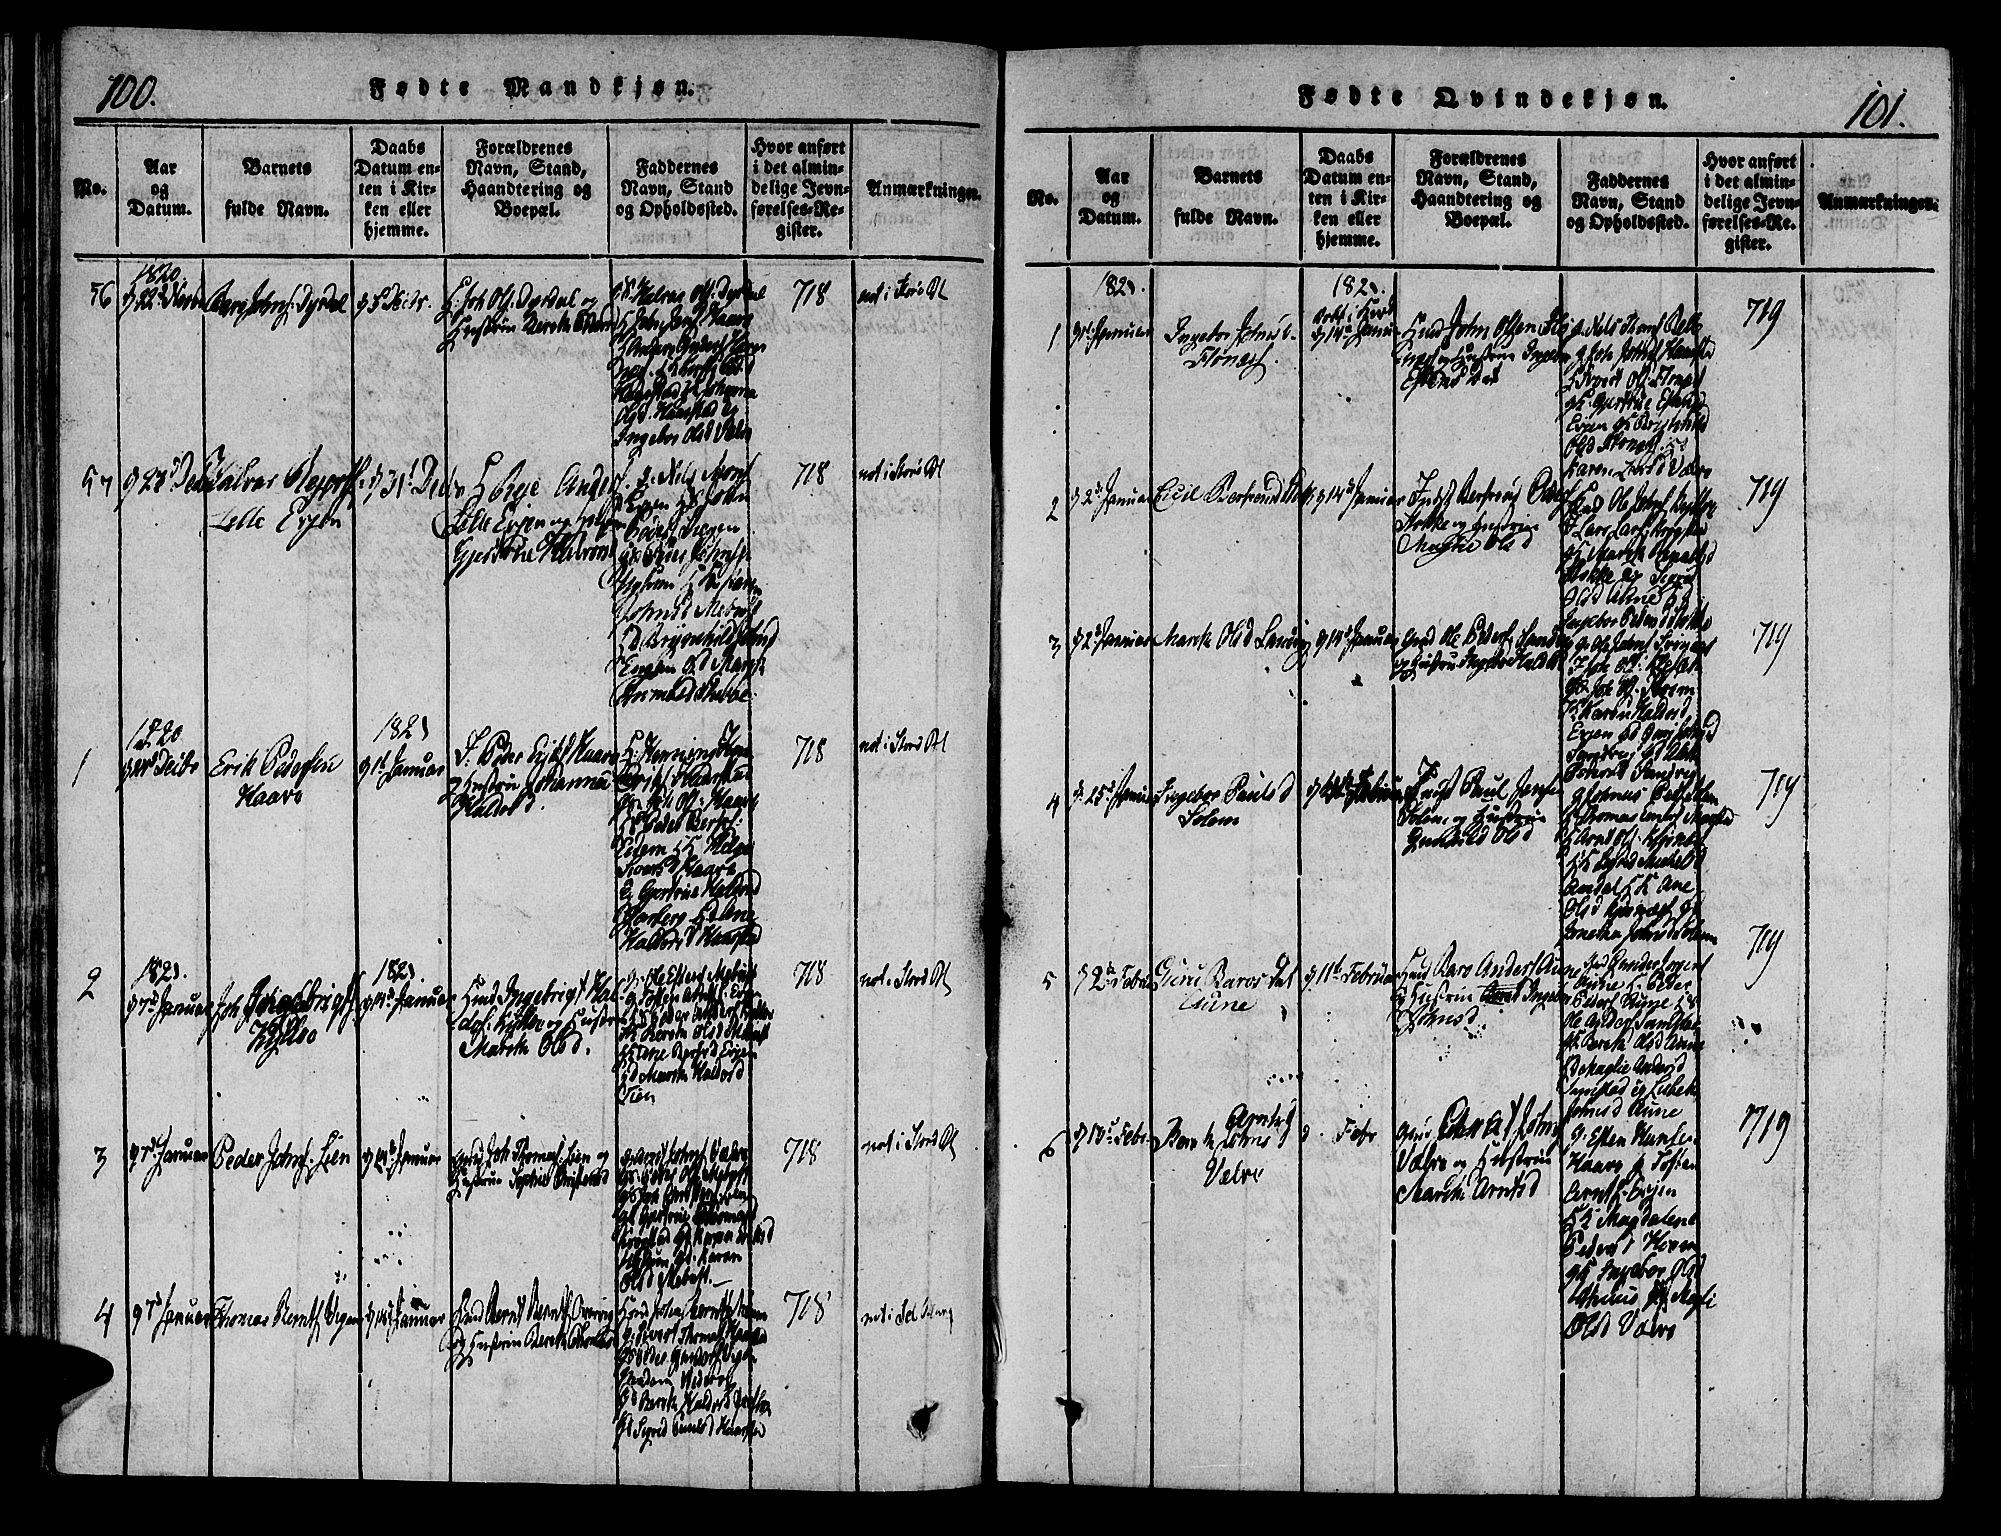 SAT, Ministerialprotokoller, klokkerbøker og fødselsregistre - Sør-Trøndelag, 695/L1141: Ministerialbok nr. 695A04 /1, 1816-1824, s. 100-101